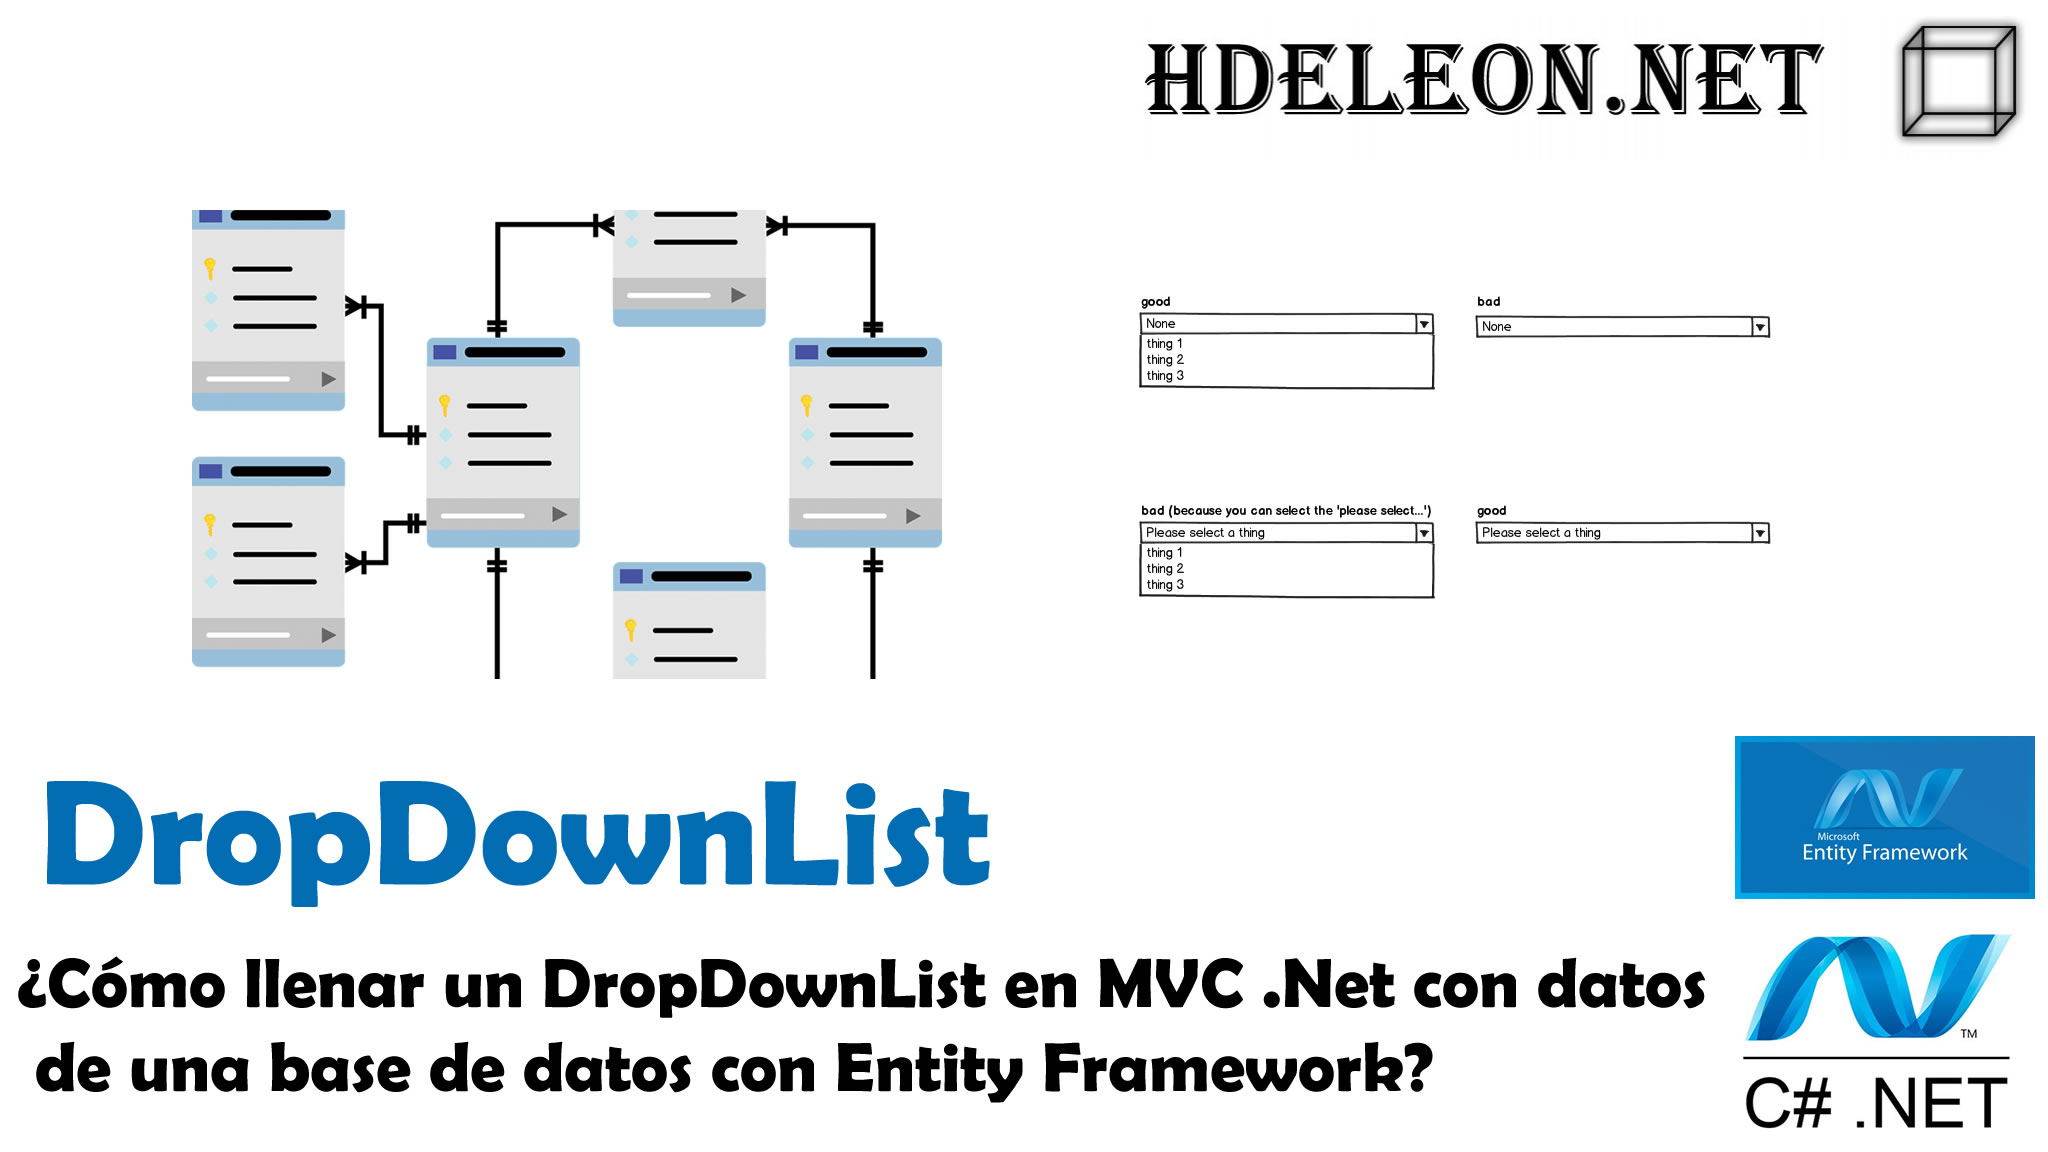 ¿Cómo llenar un DropDownList en MVC .Net con datos de una base de datos con Entity Framework?